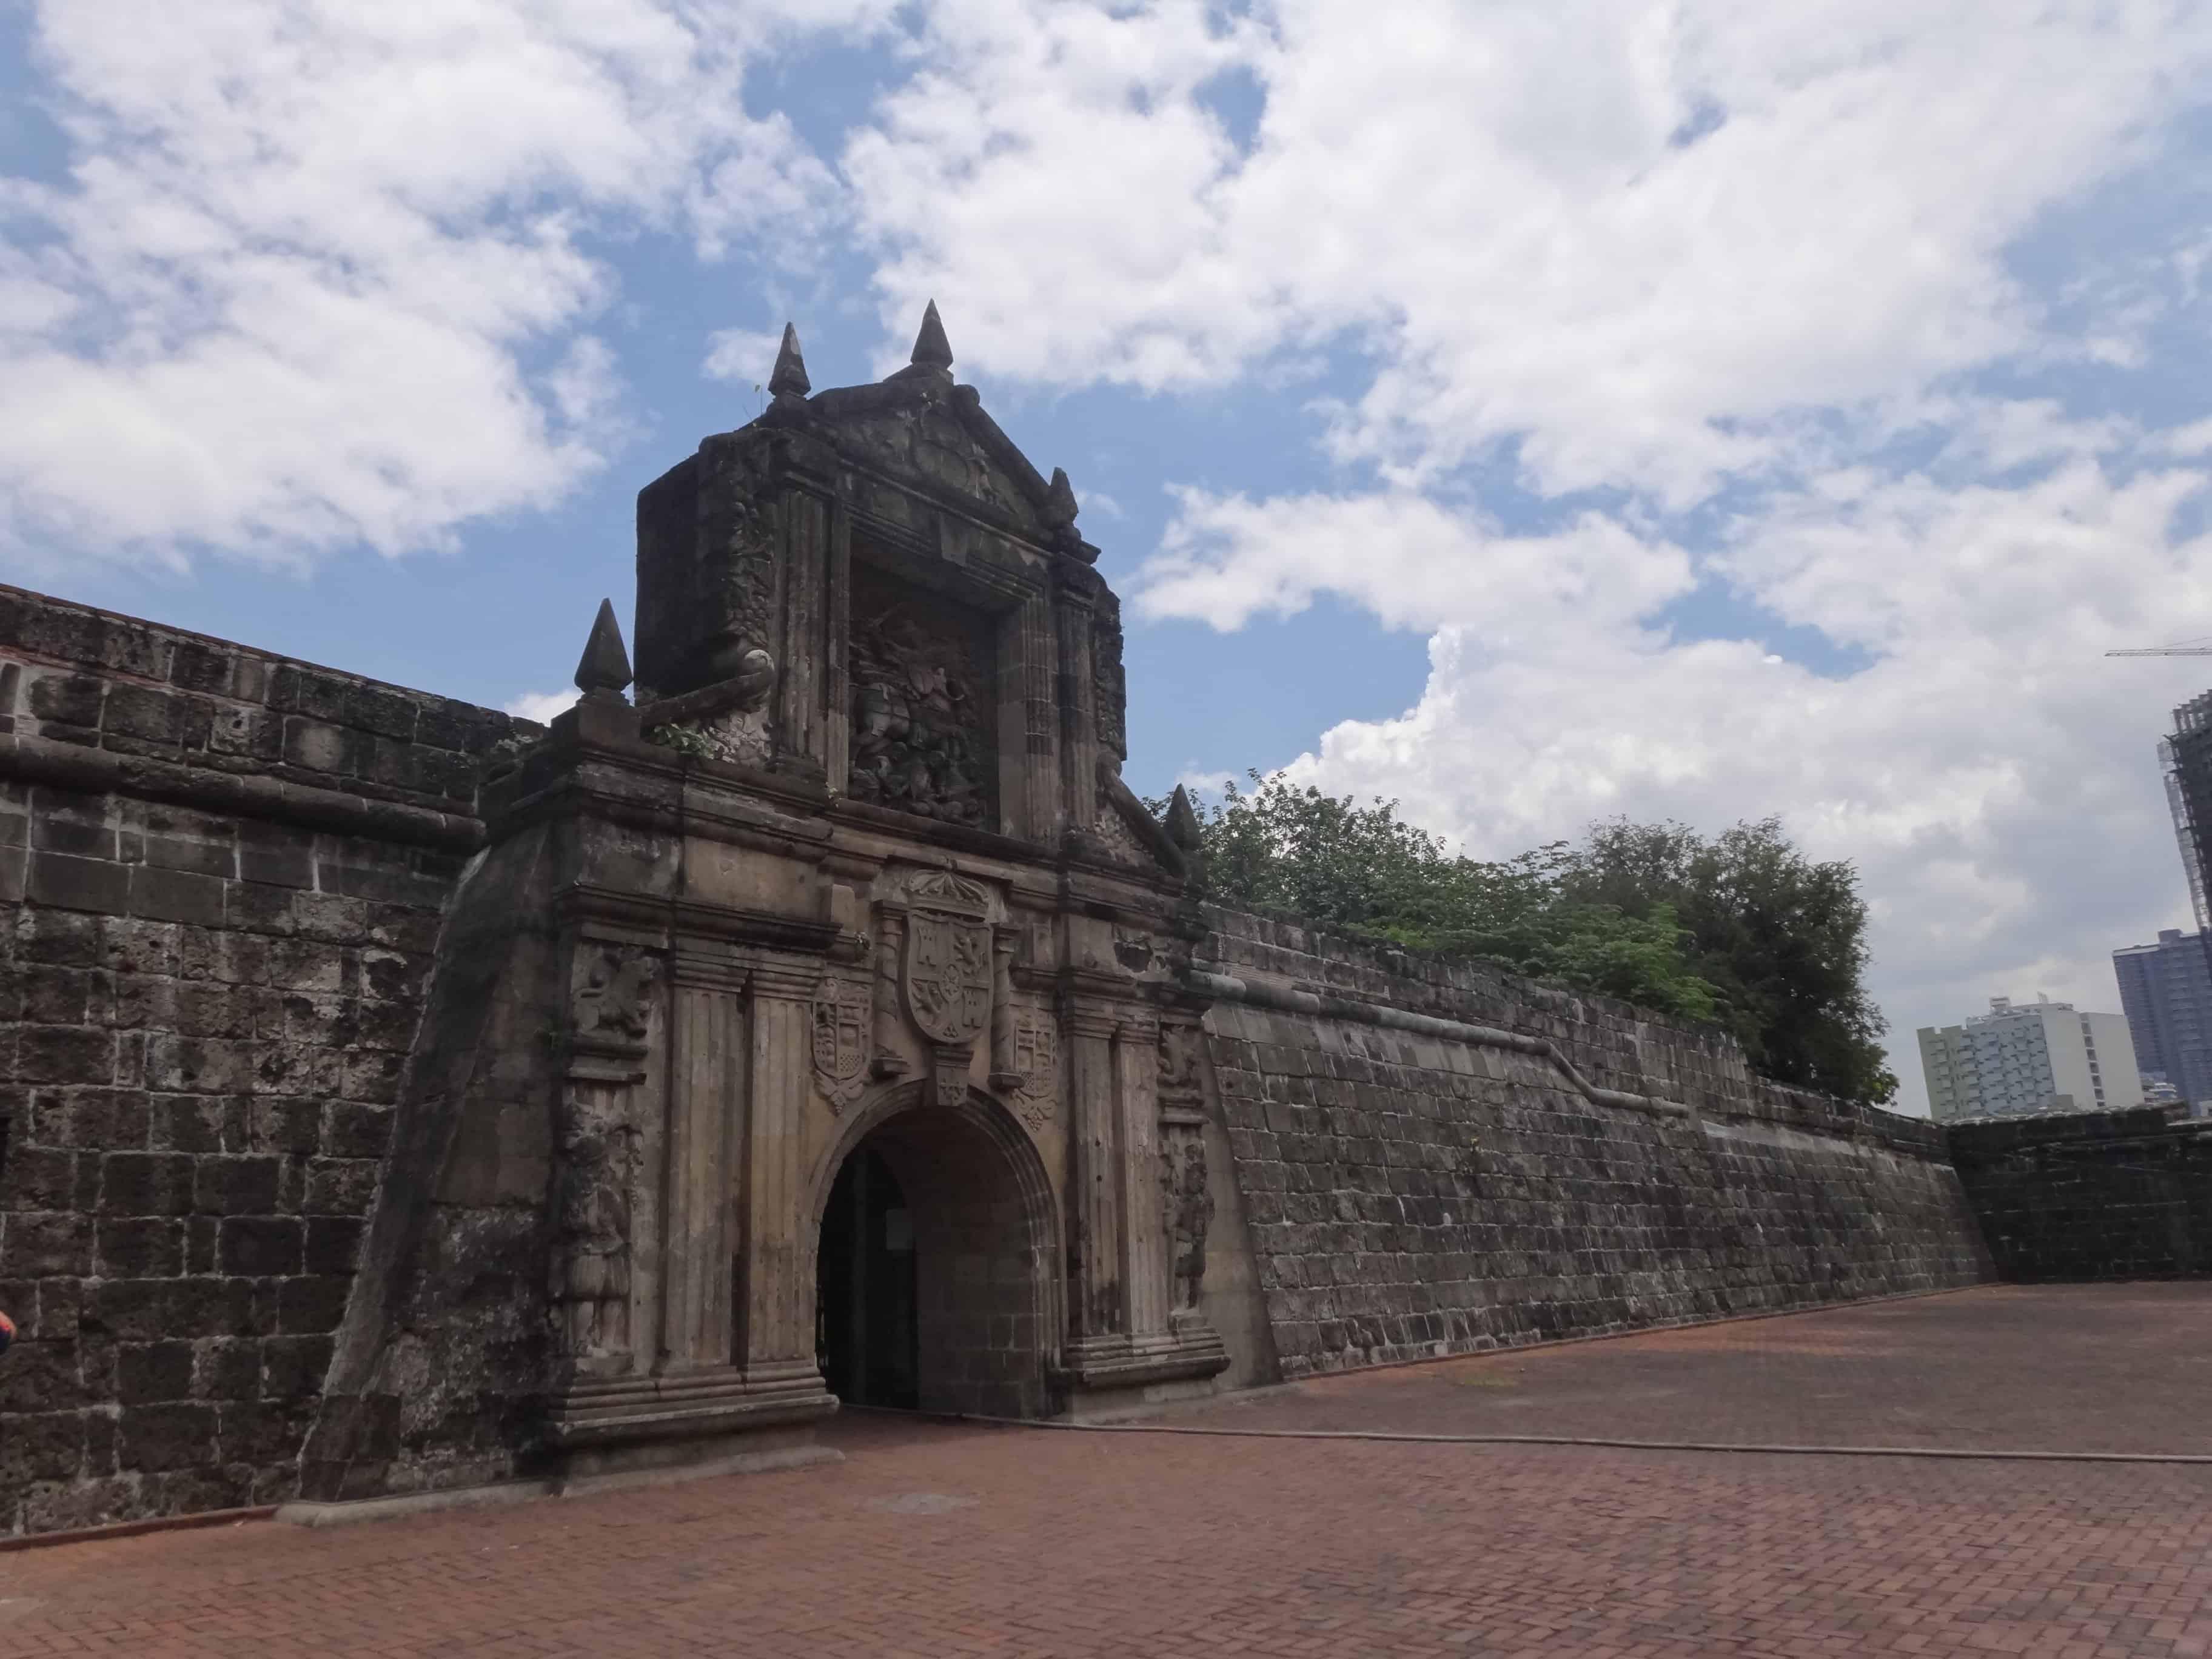 أفضل 3 أنشطة في قلعة سانتياغو مانيلا الفلبين